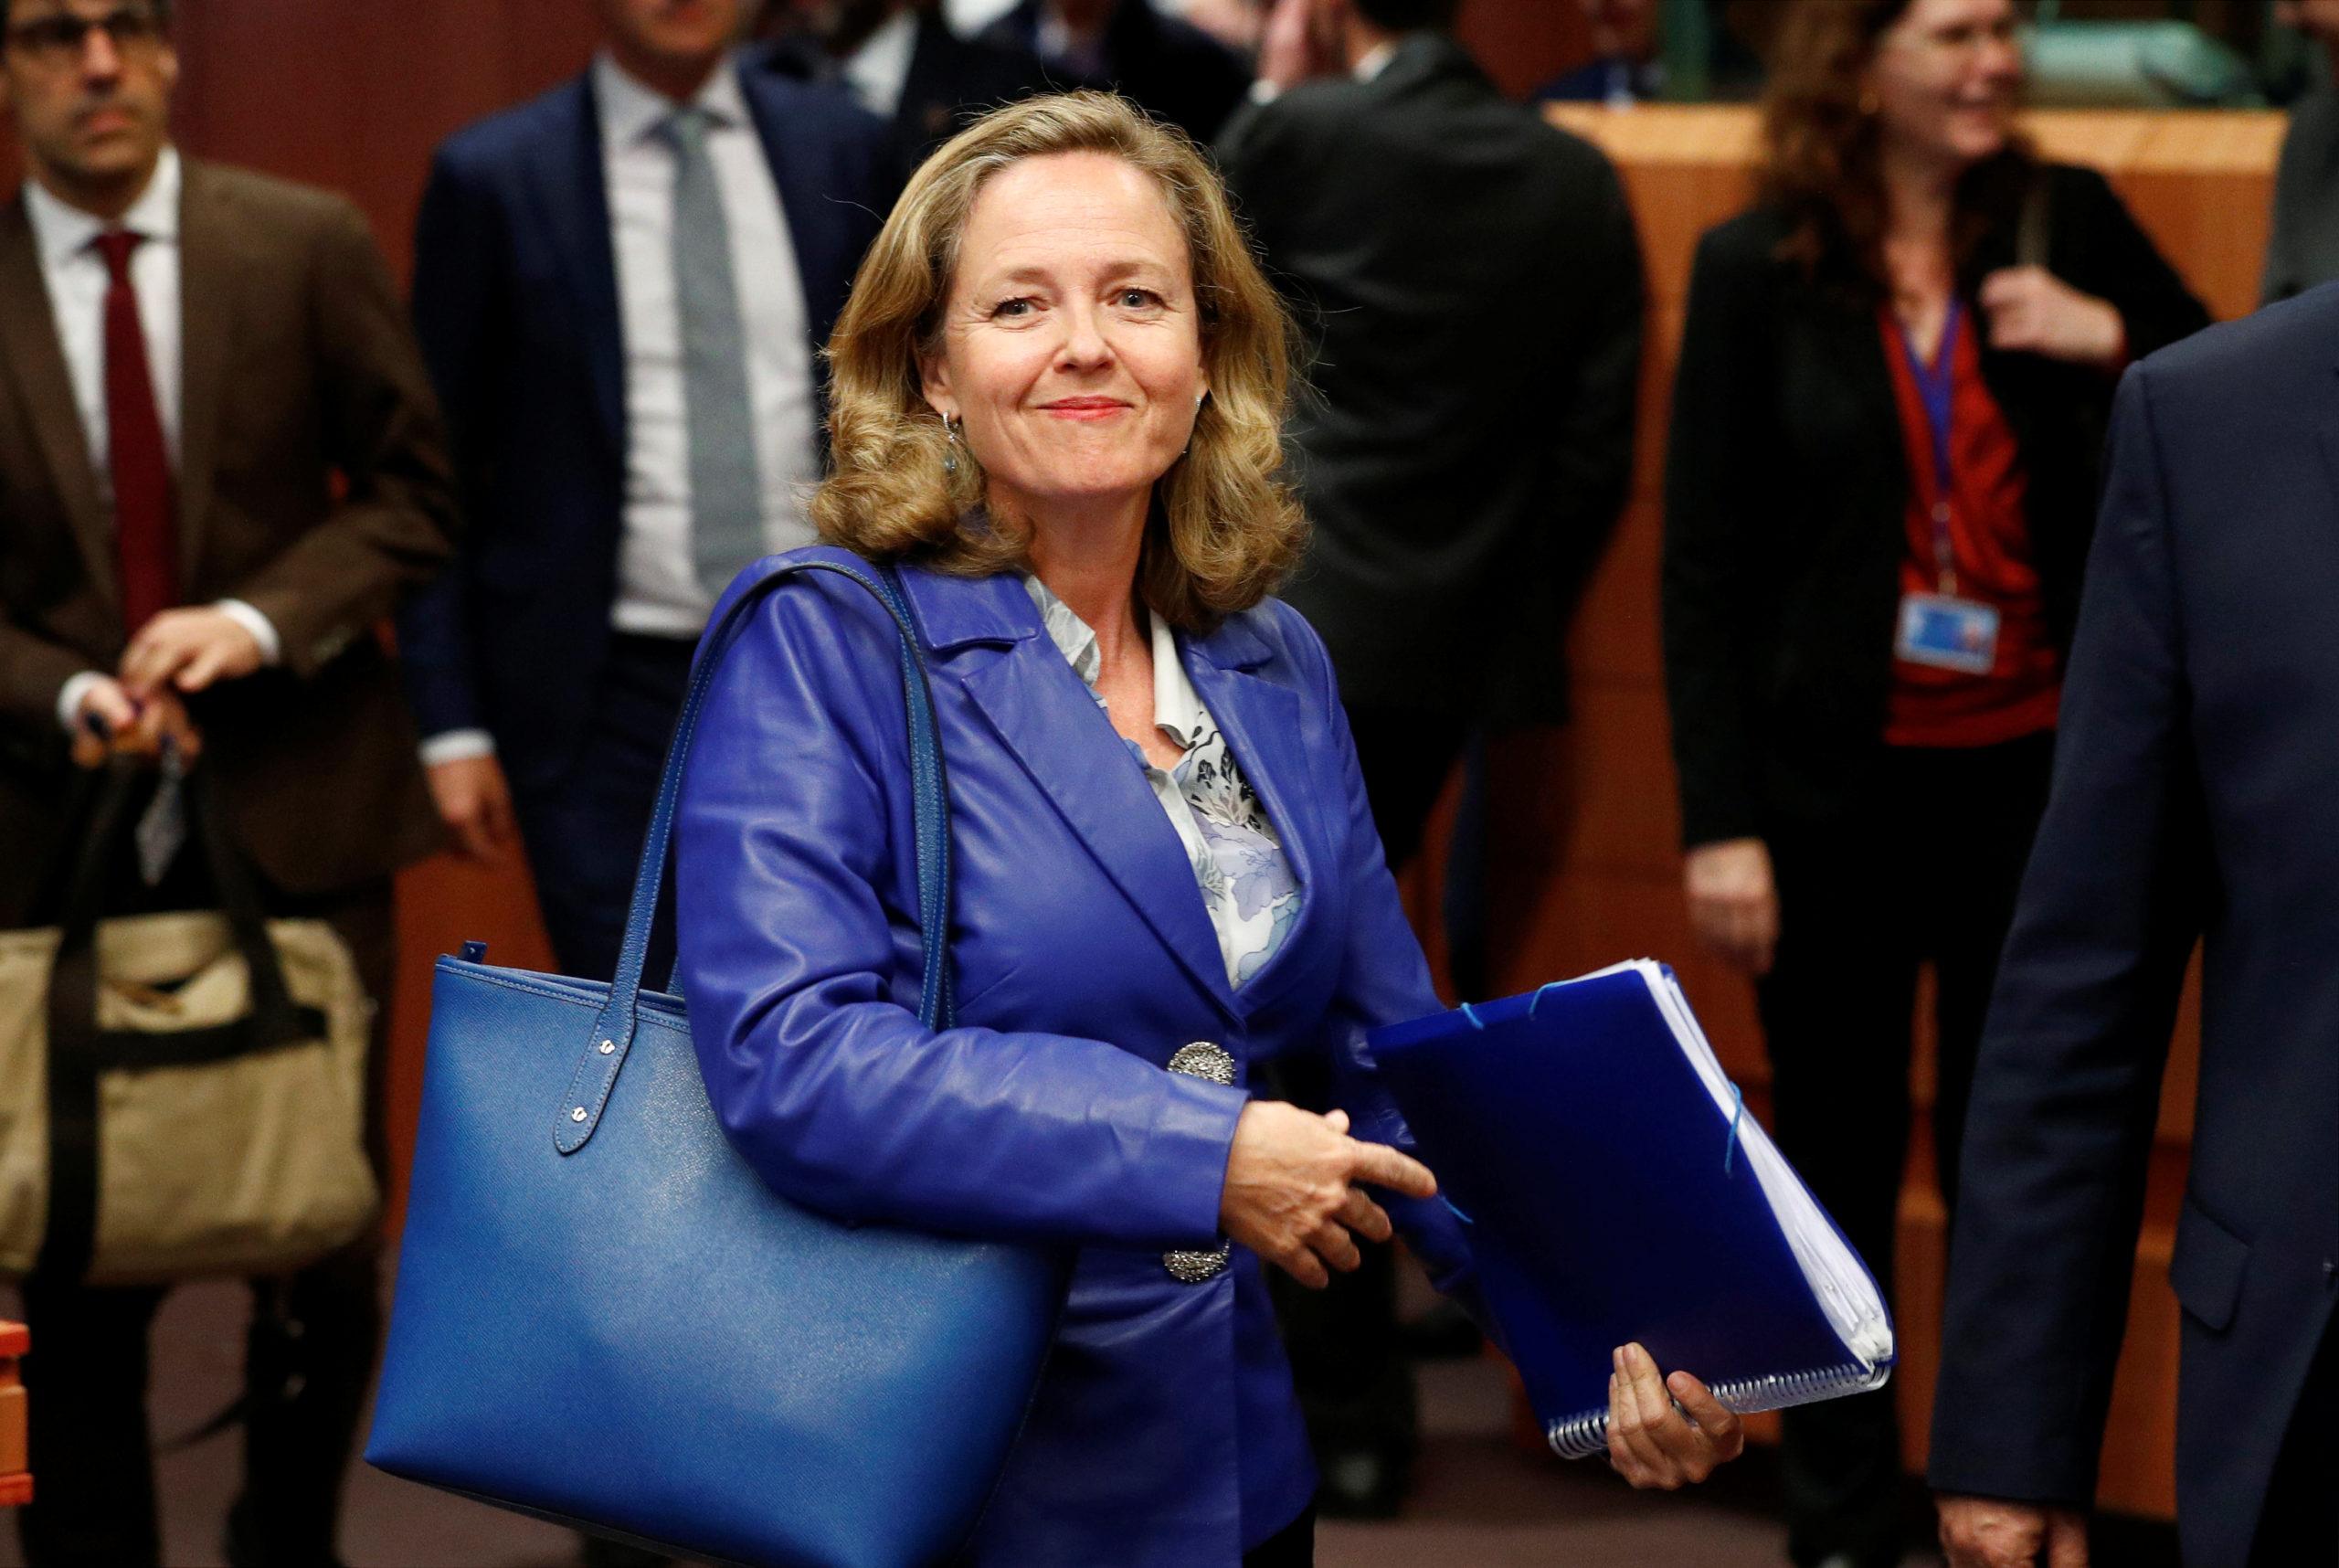 La France soutient la candidature de l'Espagnole Calvino à l'Eurogroupe